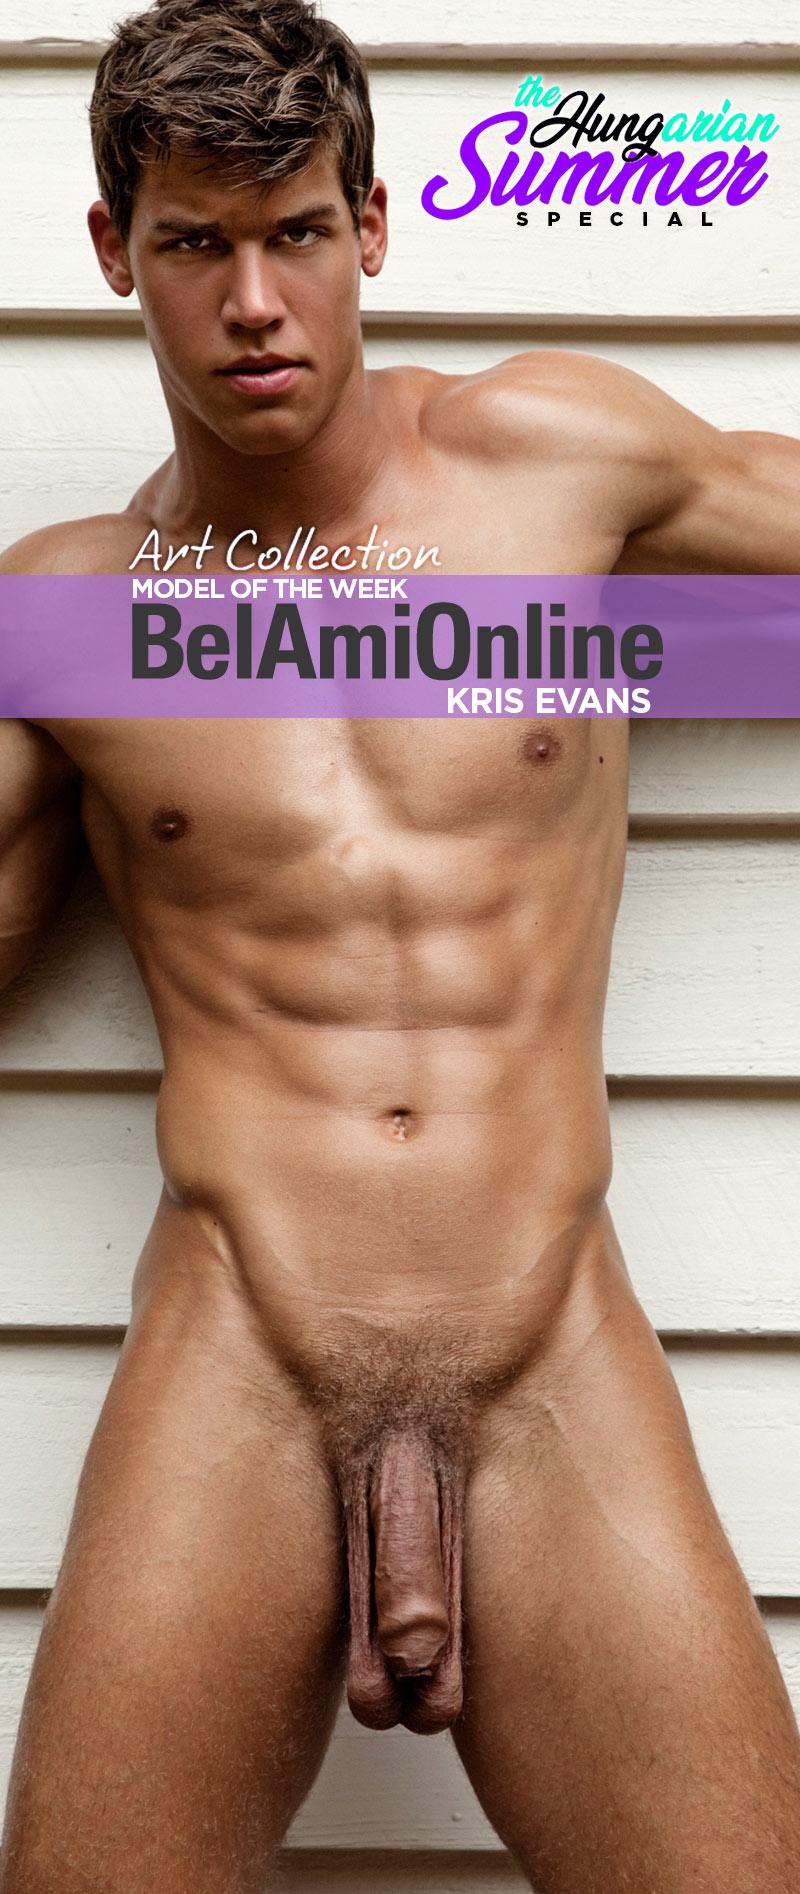 Slovenské studio Bel Ami produkuje gay erotické filmy a fotografie.